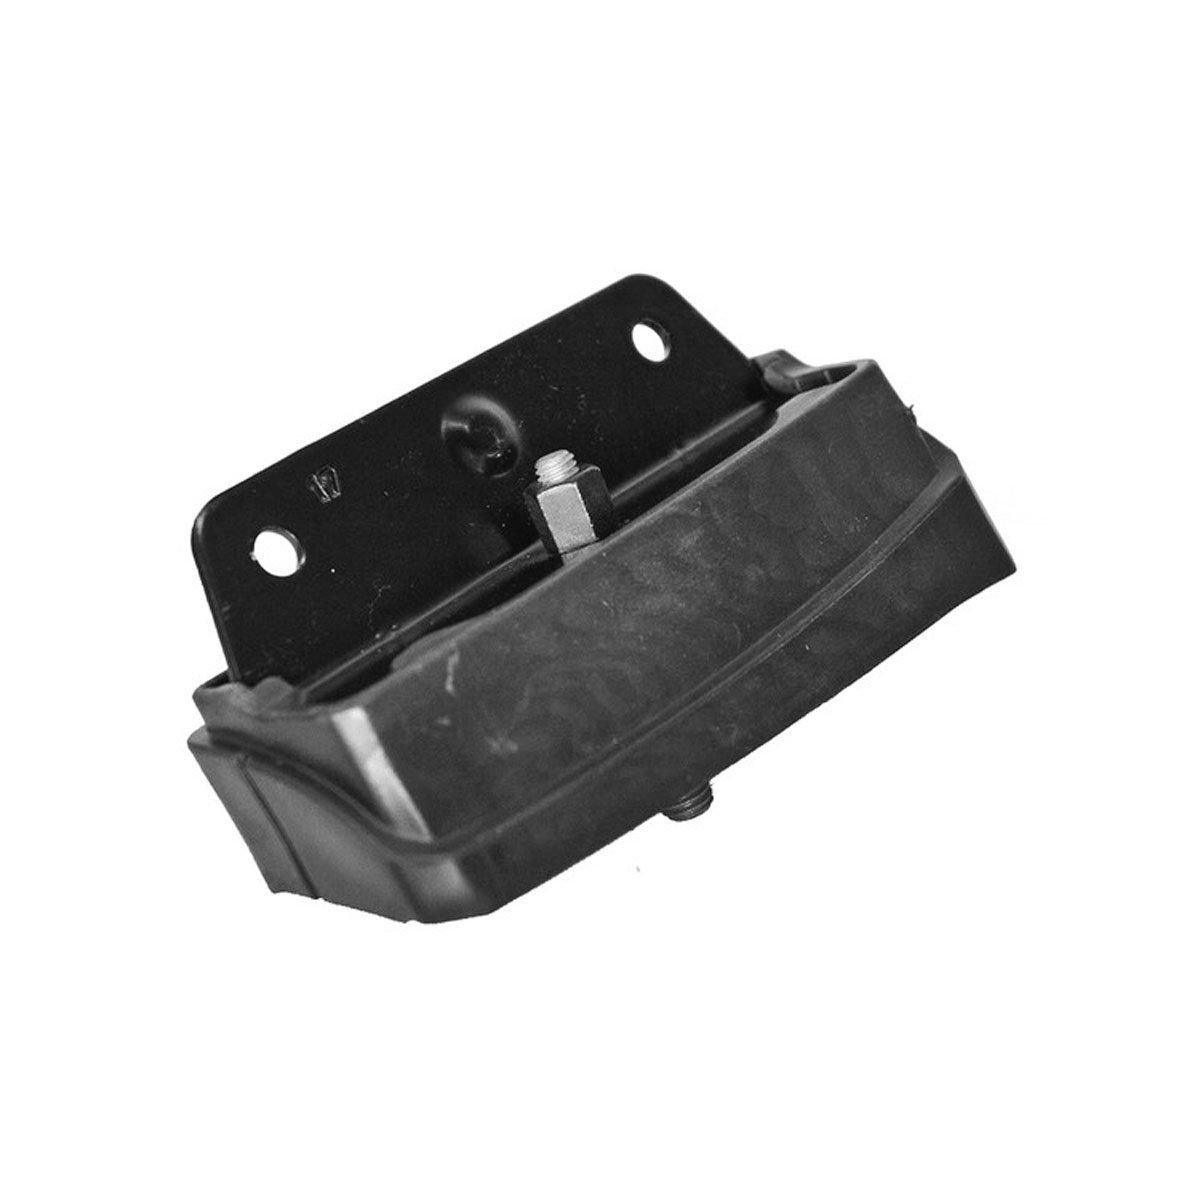 Thule 183145 Kit Adaptador Personalizado para Montar un Sistema de portaequipajes en veh/ículos seleccionados